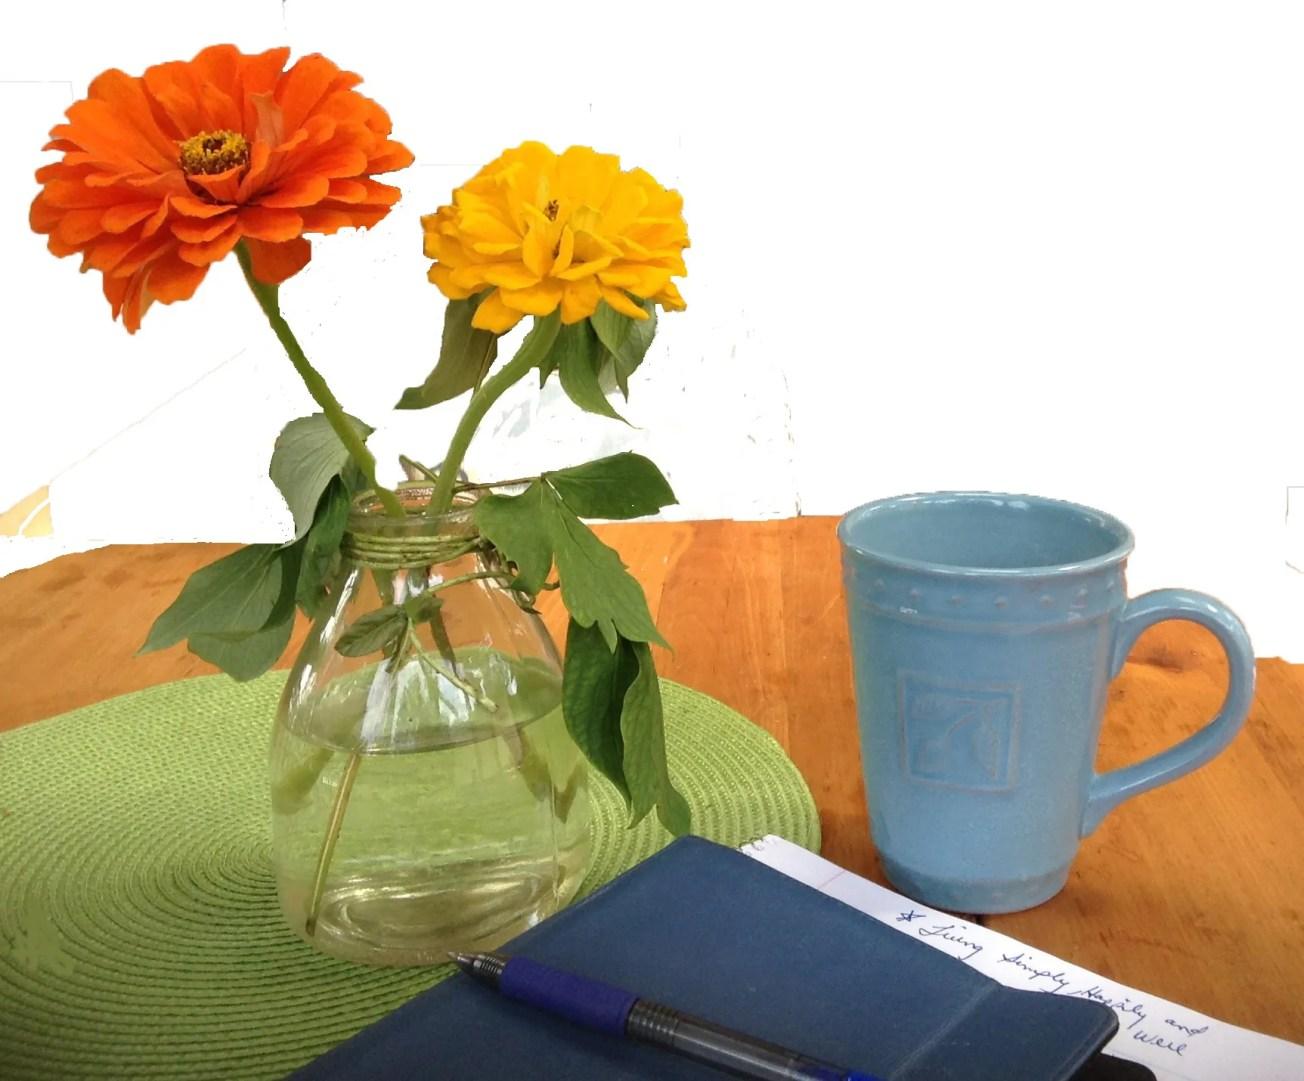 flowers in a b ottle, coffee, book